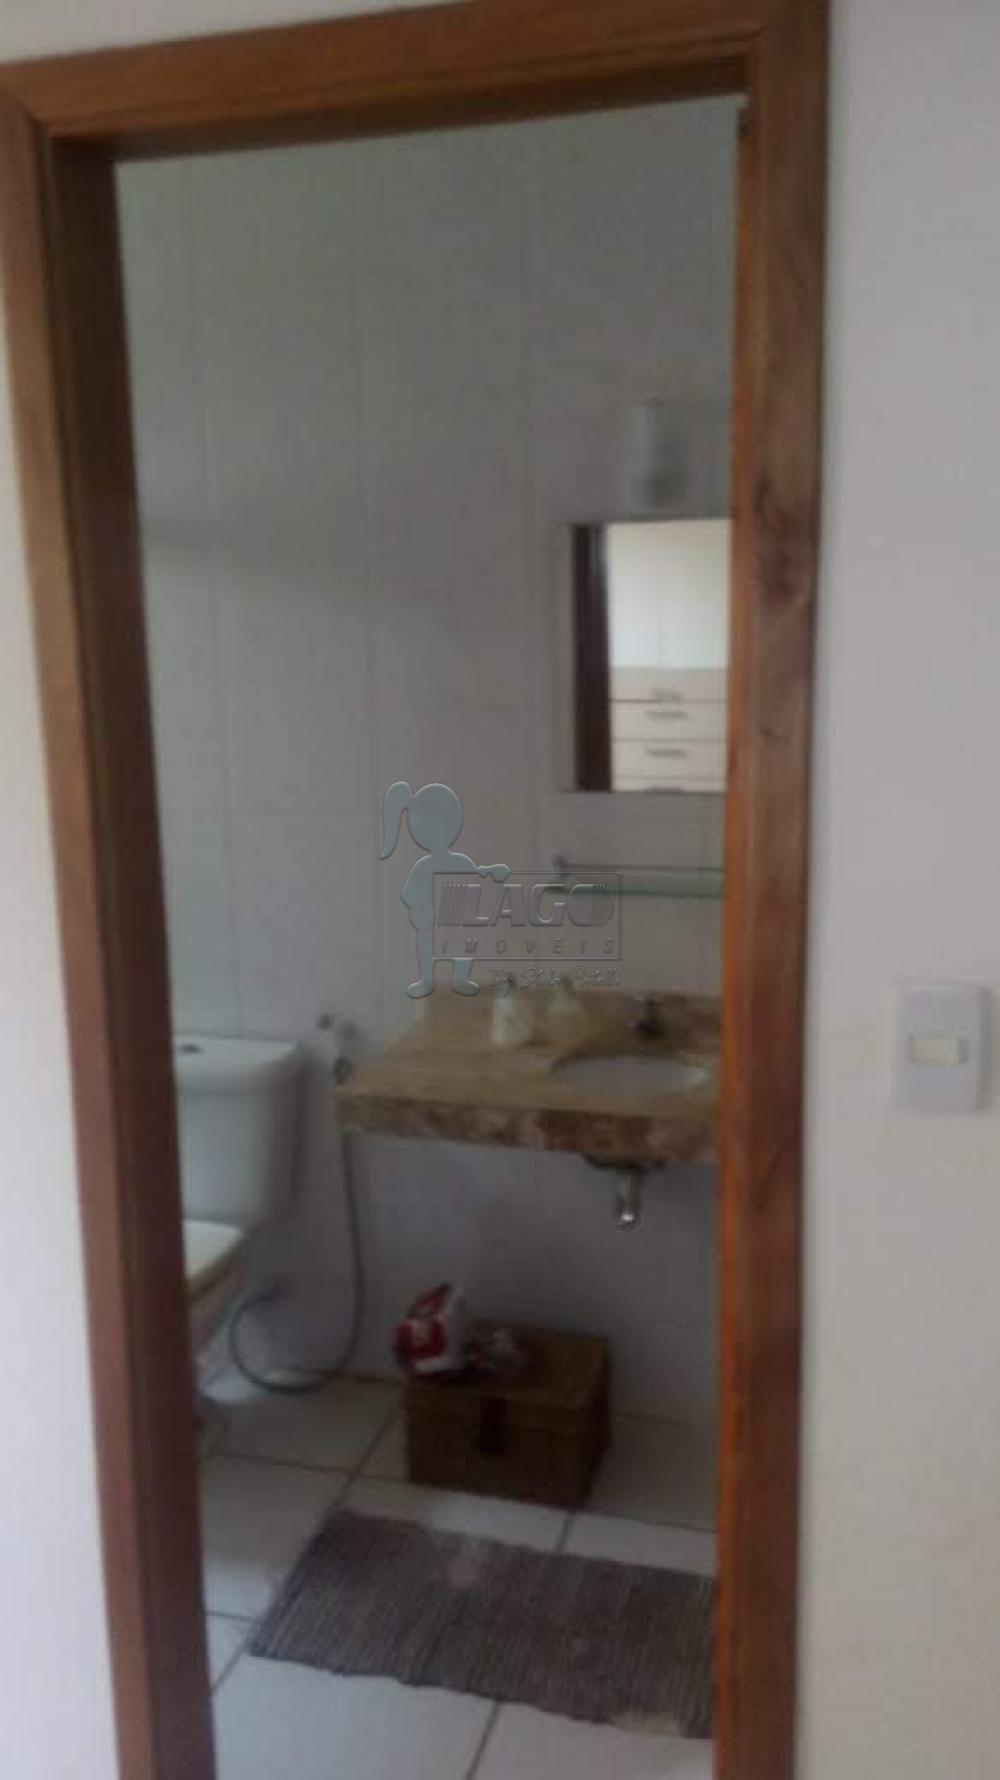 Comprar Apartamento / Padrão em Ribeirão Preto apenas R$ 165.000,00 - Foto 6